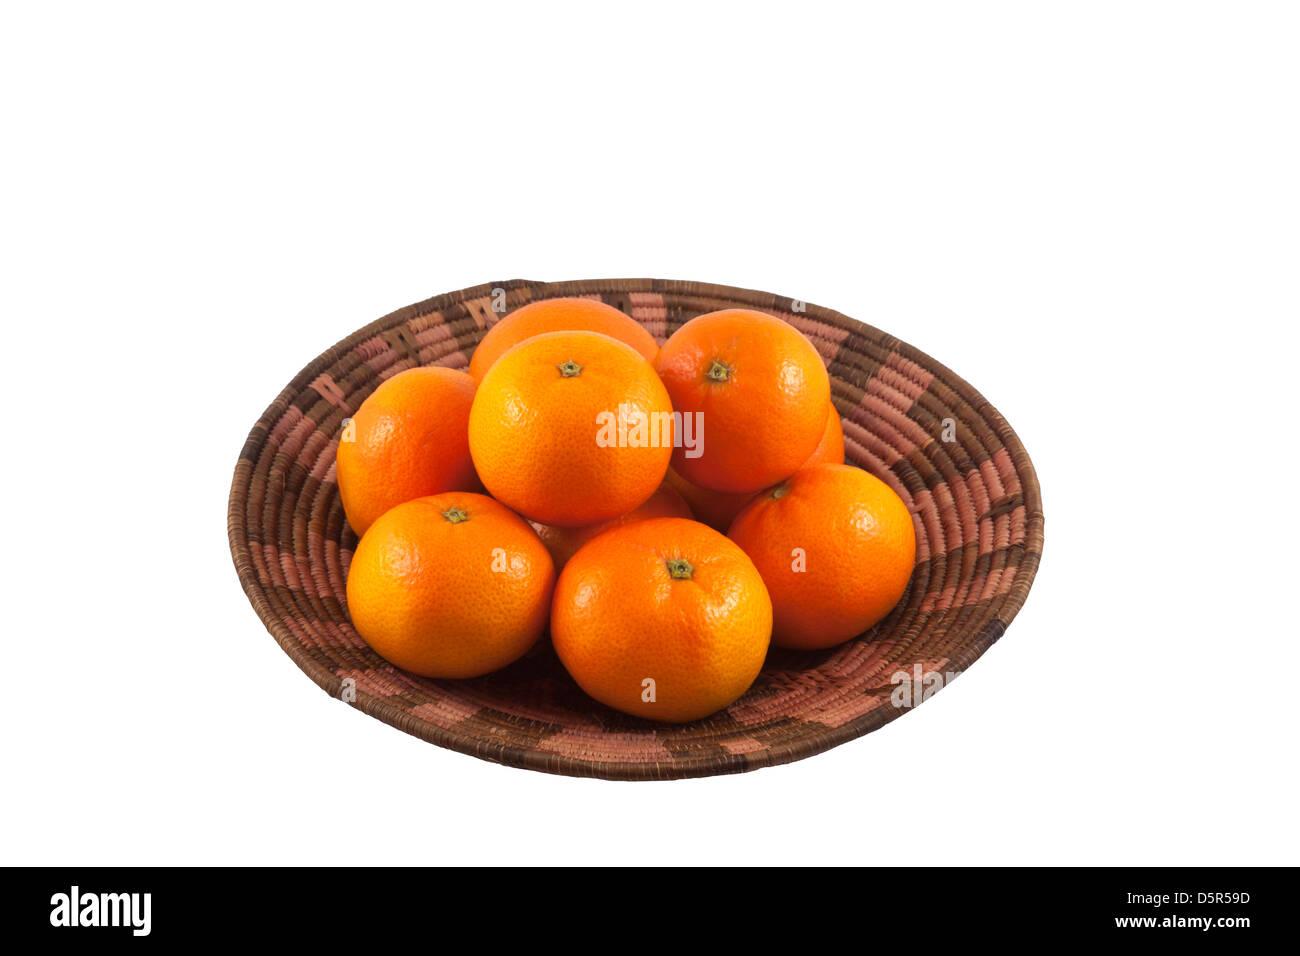 Organic mandarin oranges in African basket - Stock Image